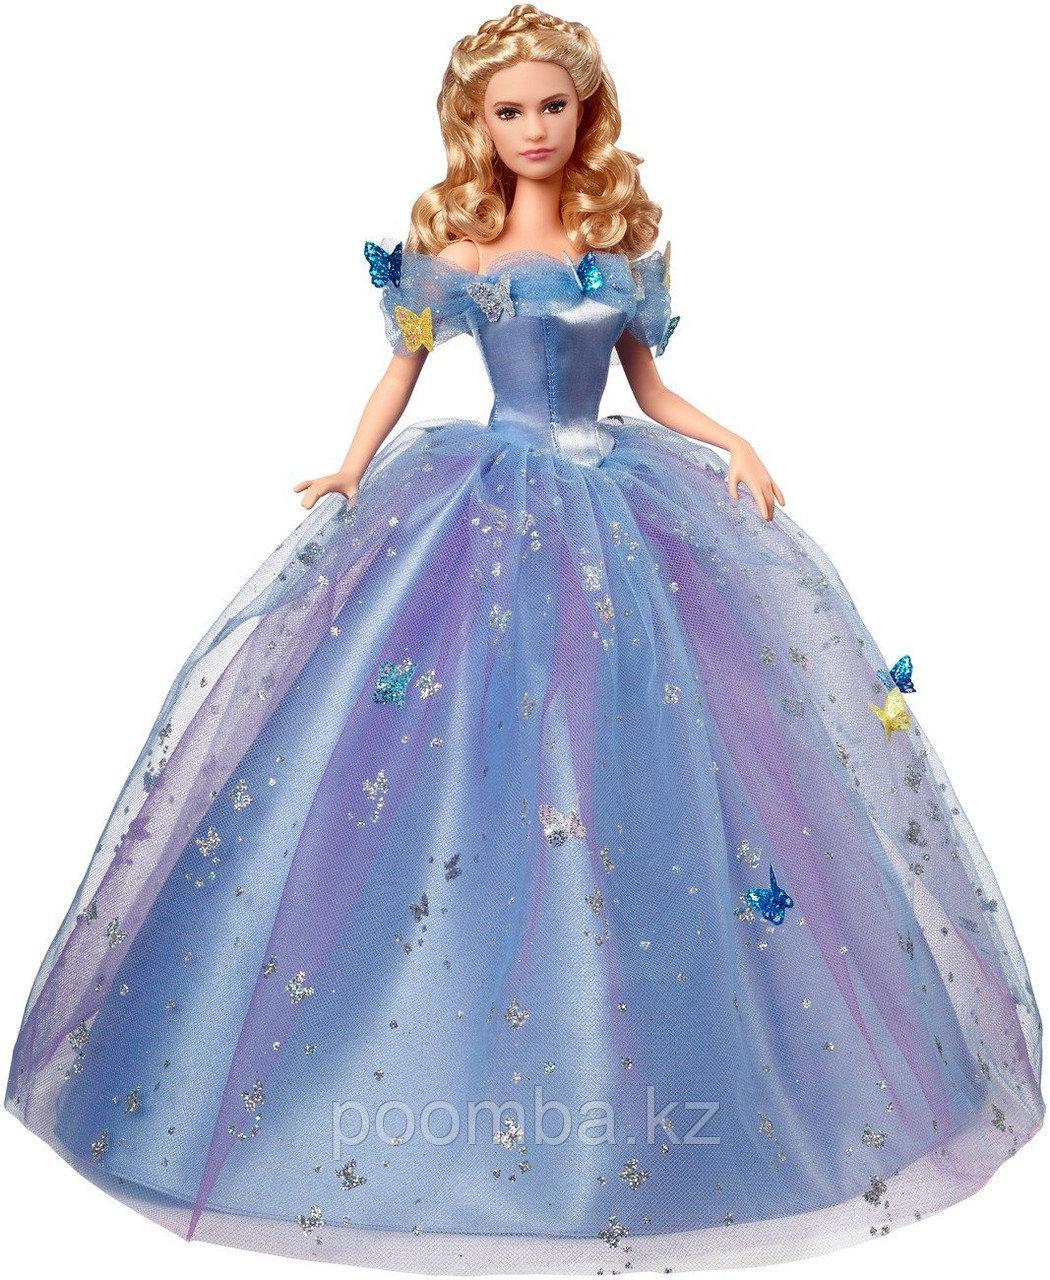 """Кукла-принцесса Золушка """"Королевский бал"""""""